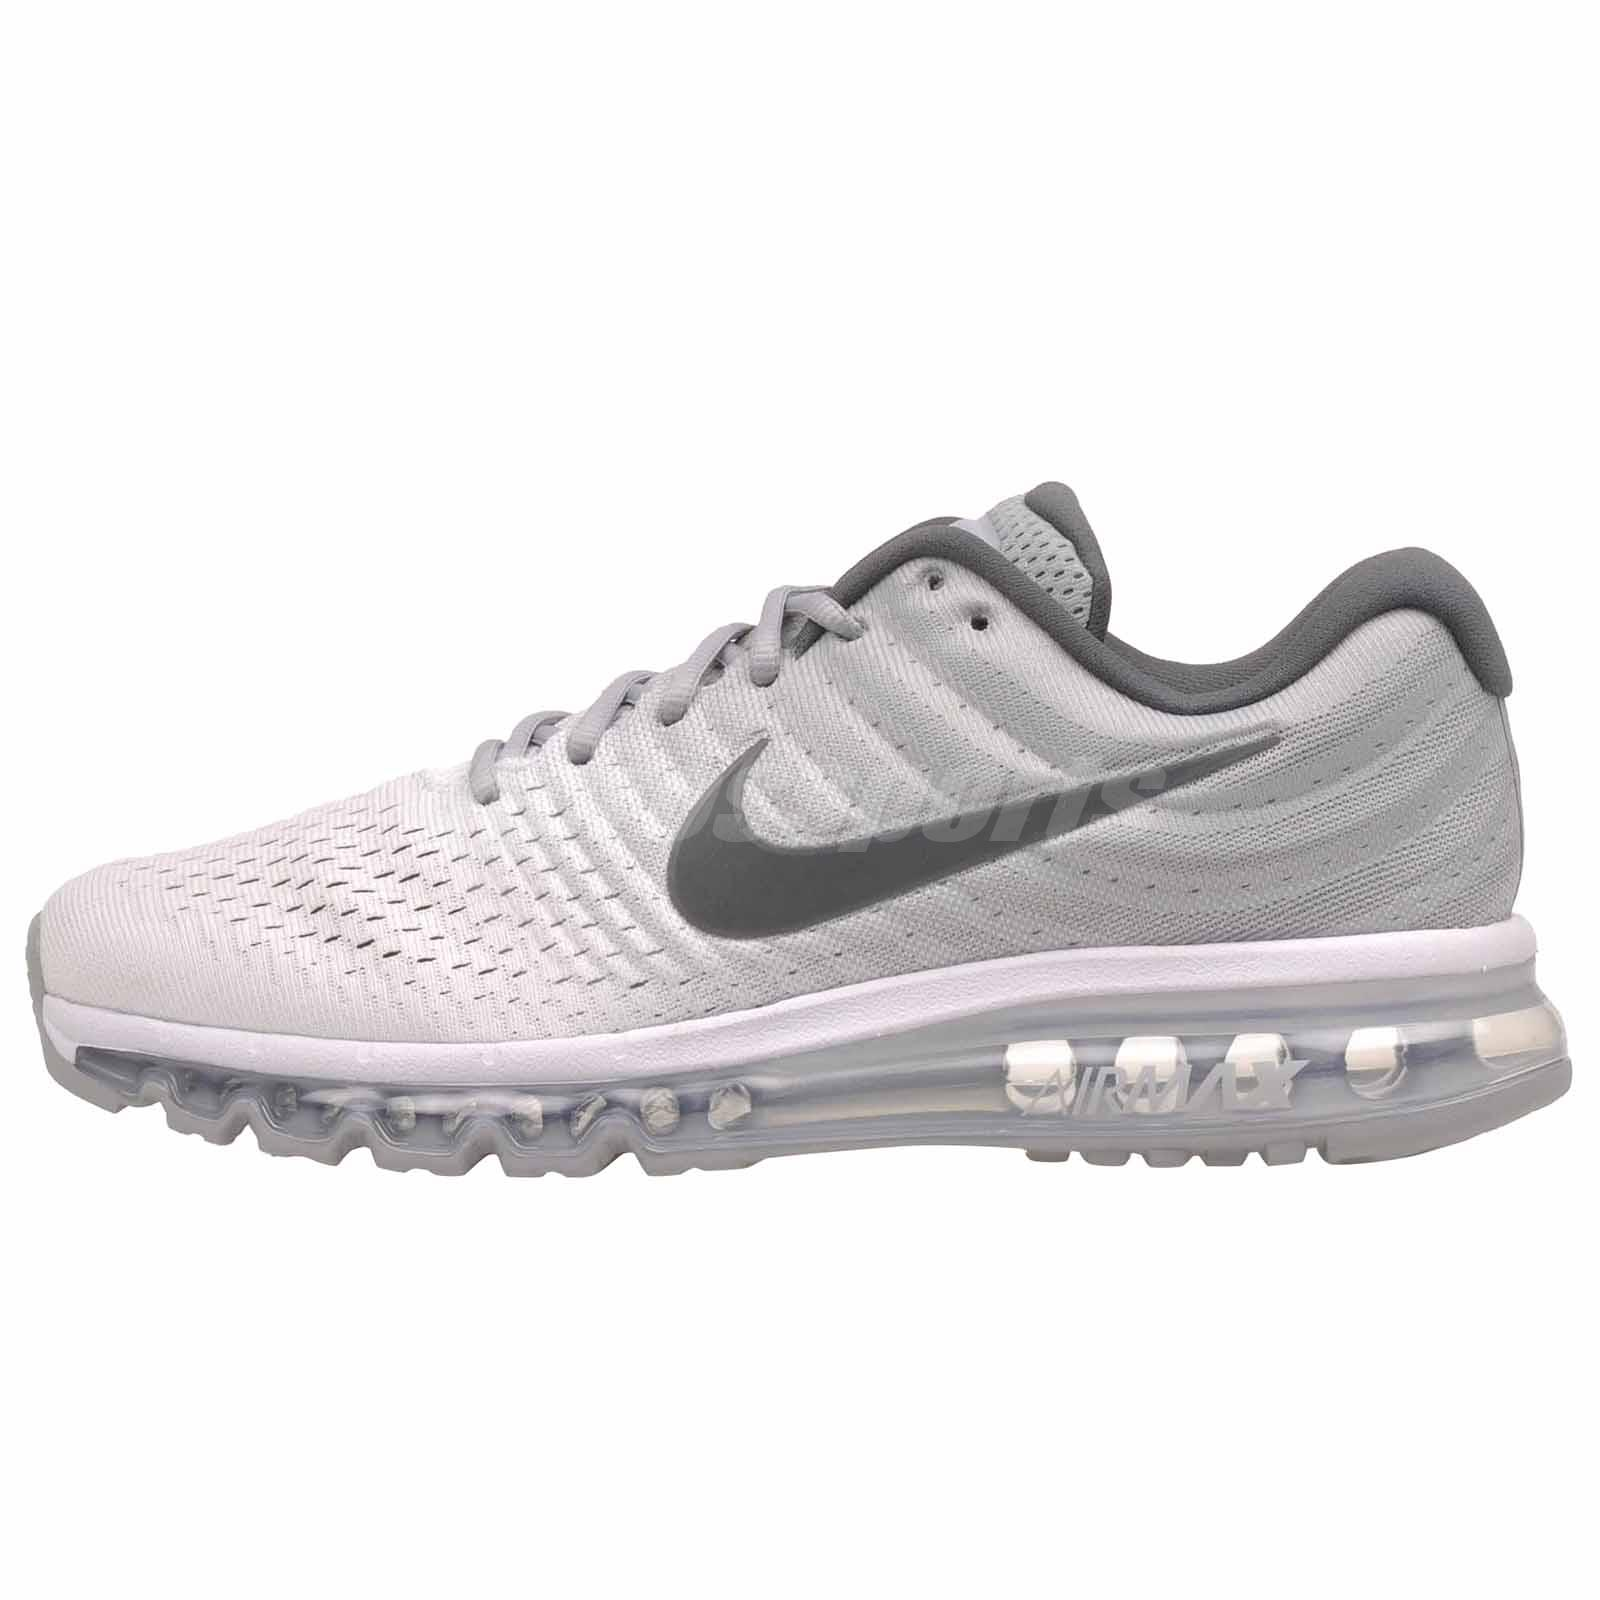 buy cheap nike air max 2017 shoes from china,china cheap